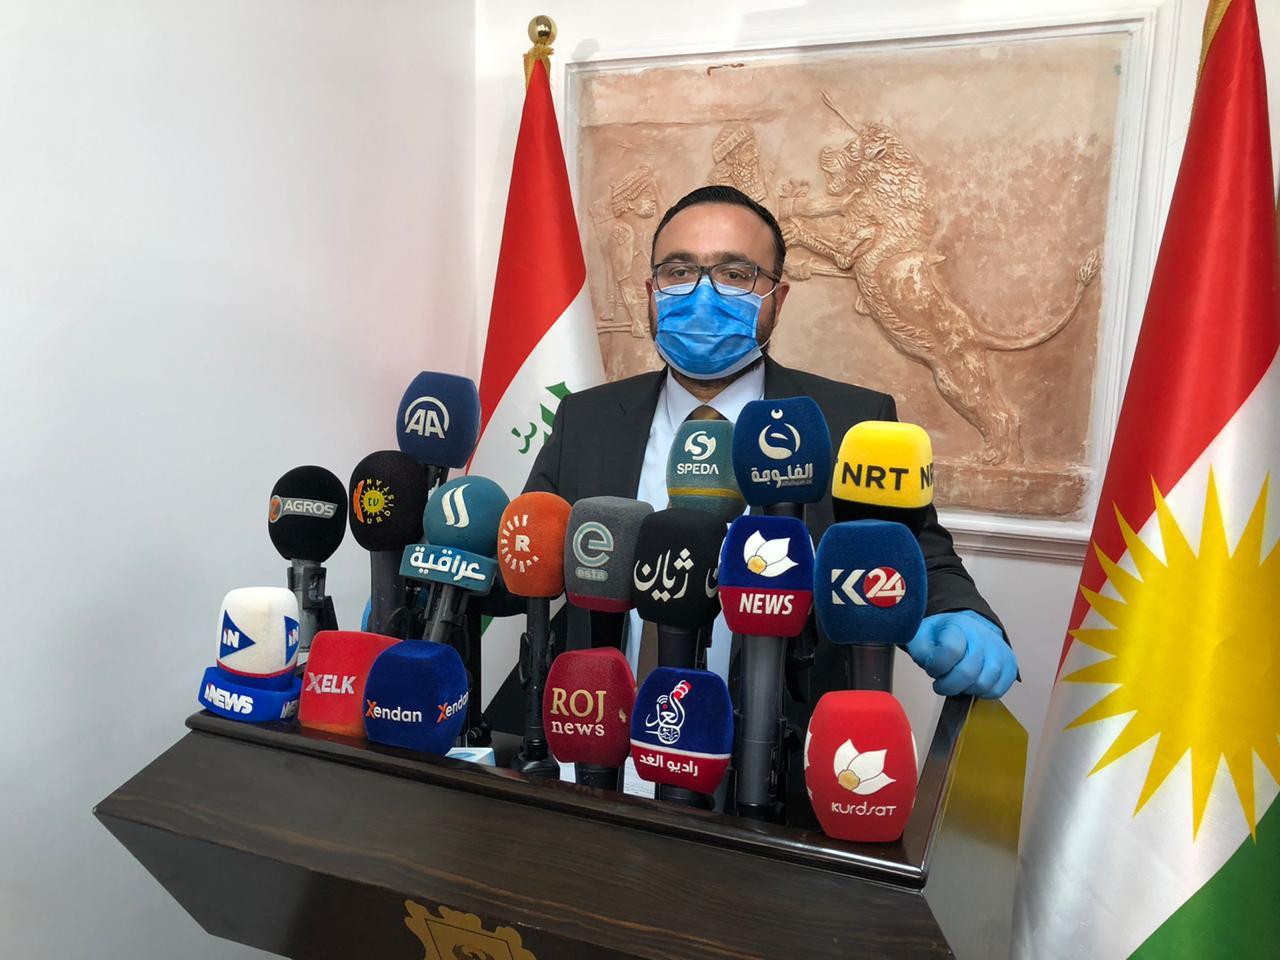 كوردستان تلغي نظام الفردي والزوجي لسيارات الاجرة وتسمح للباصات بمزاولة العمل